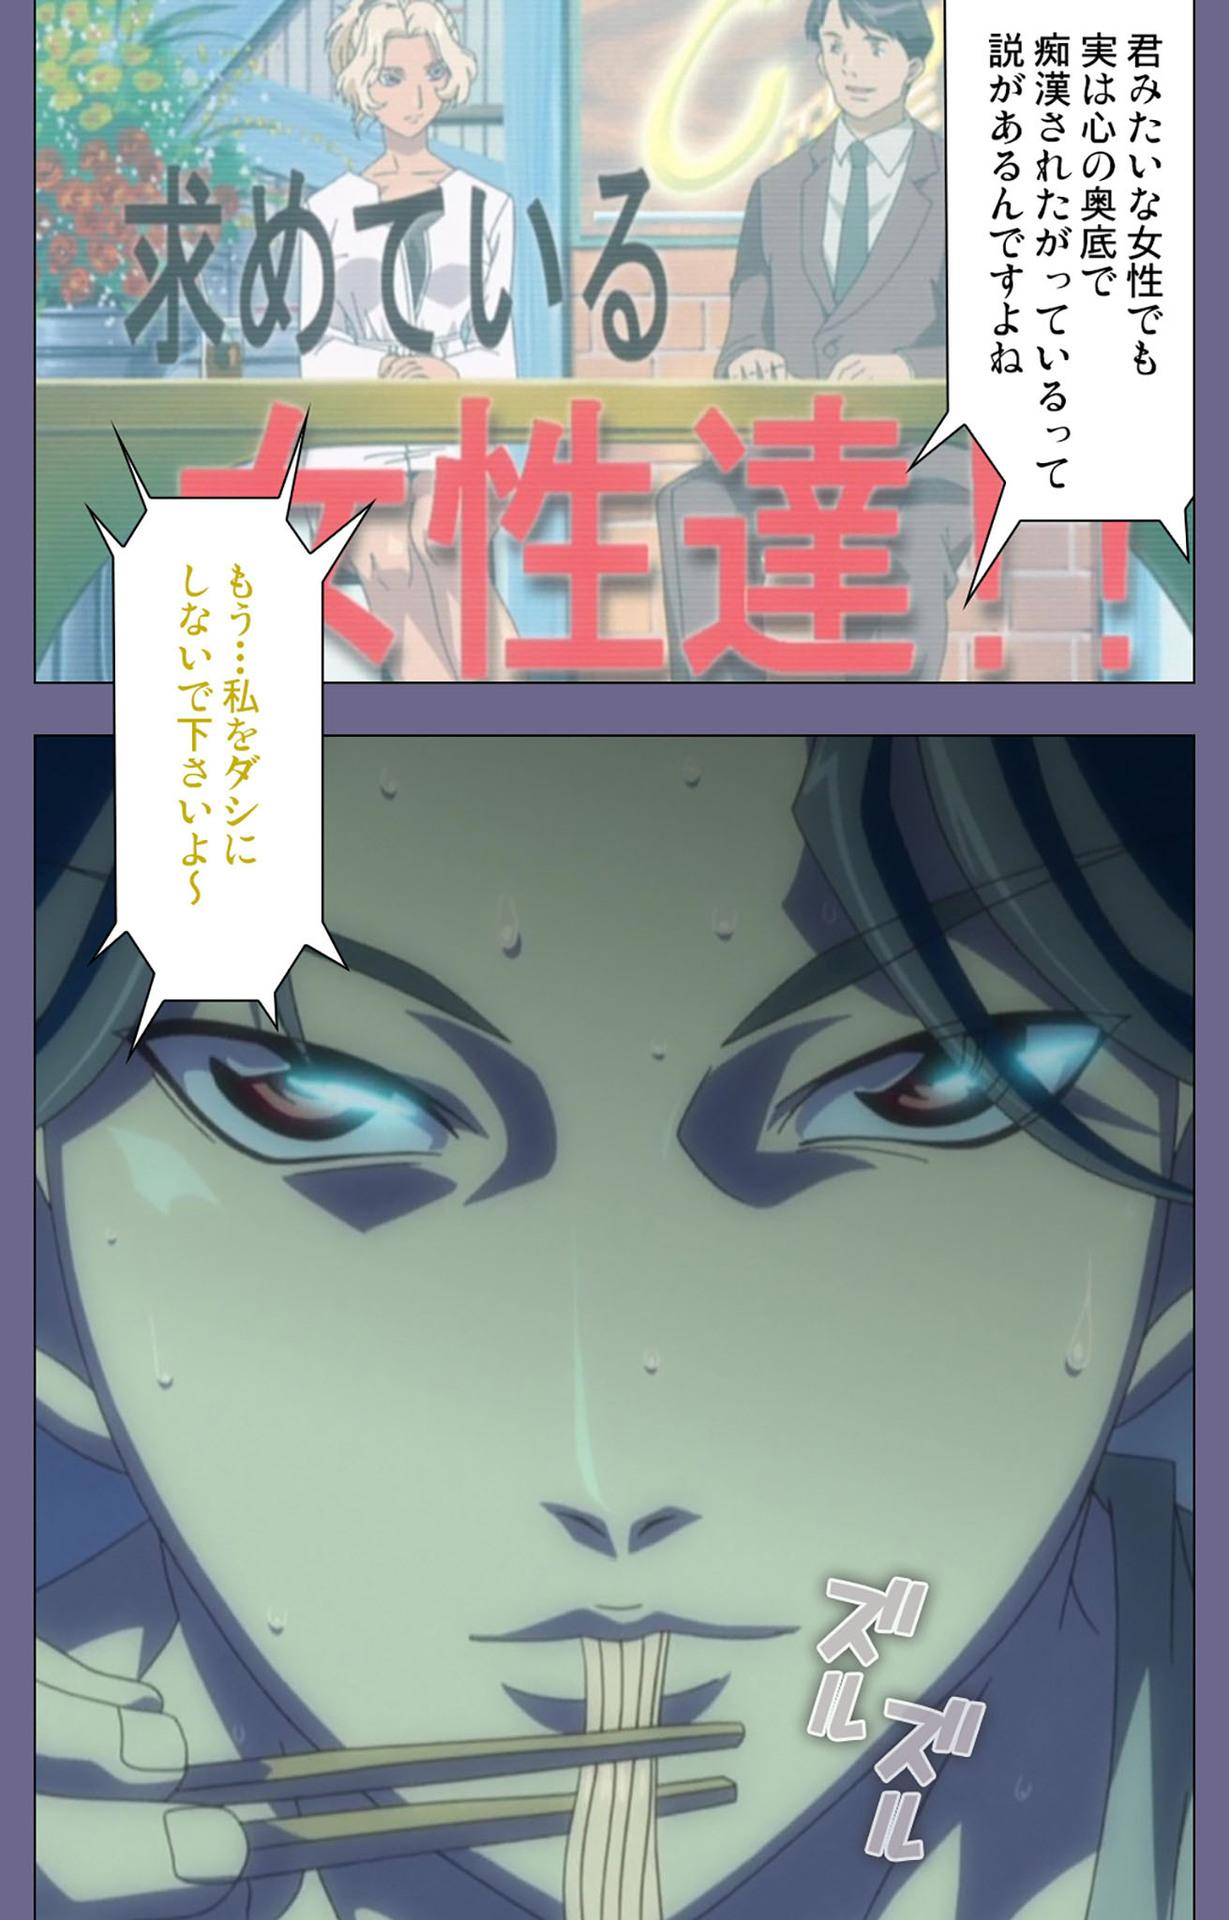 Itazura kanzenhan 18